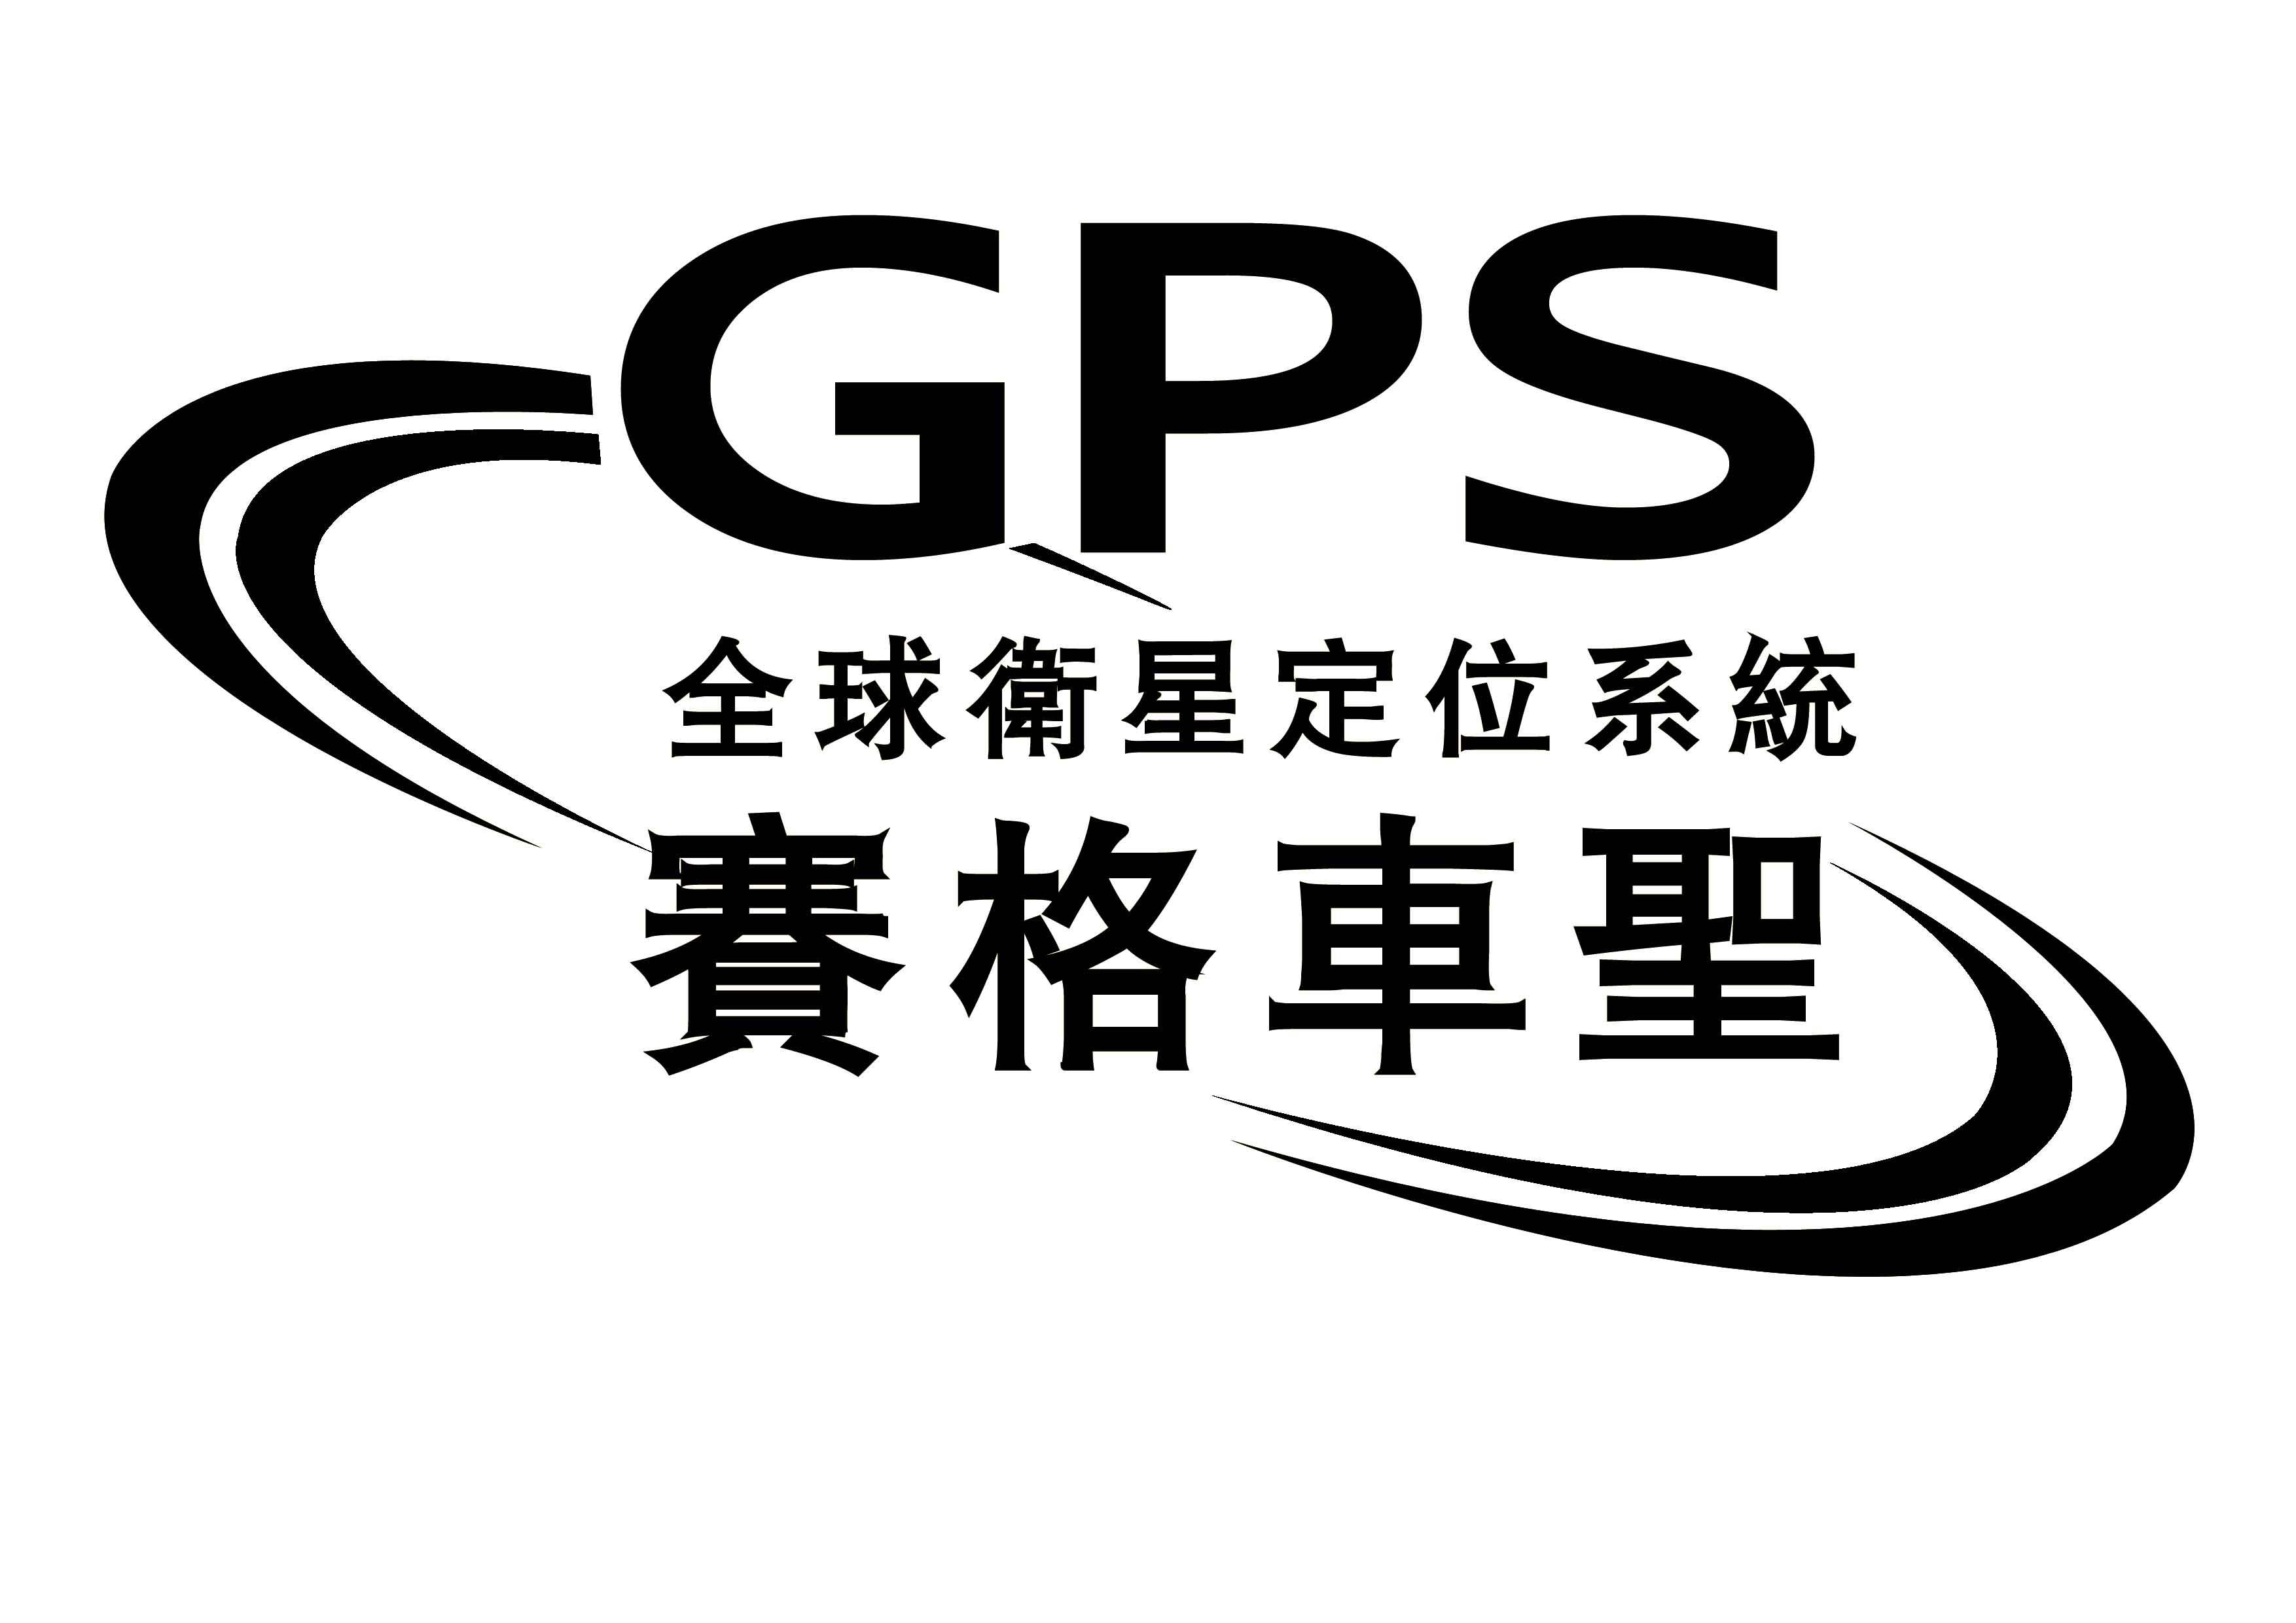 光の個性的な車は自動車のステッカーを貼って賽格車の聖GPSの全世界の測位システムの車体の車の尾を引いて花を貼ります